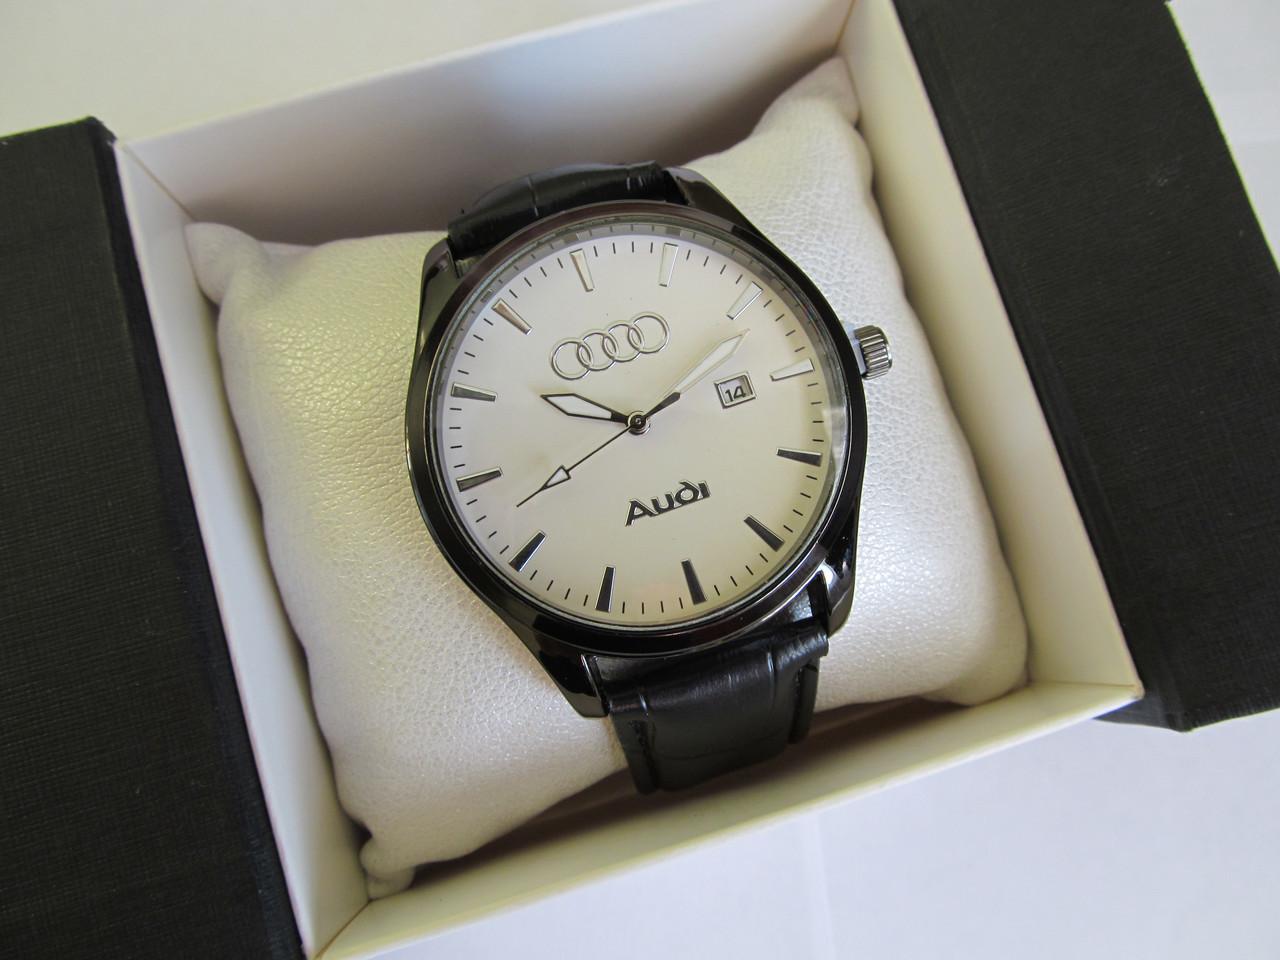 Чоловічі наручні годинники AUDI (АУДІ), чорний корпус з білим циферблатом